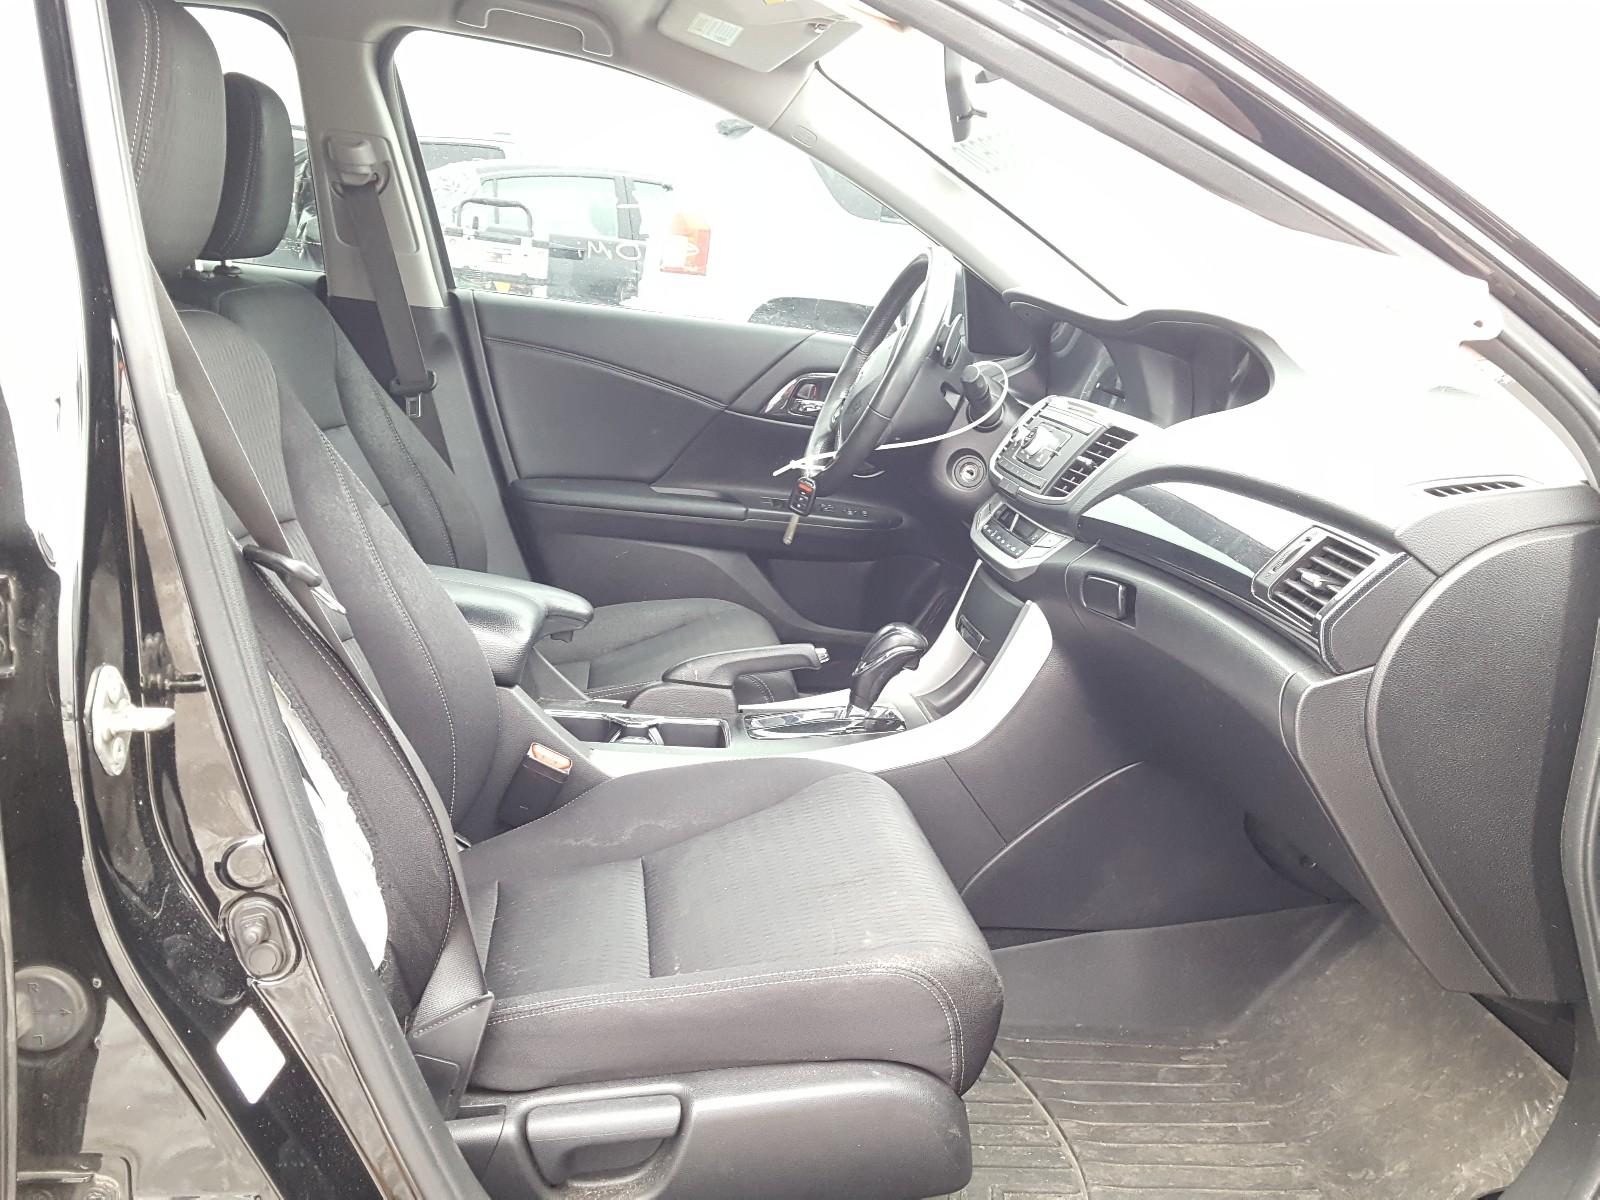 1HGCR2F5XEA126161 - 2014 Honda Accord Spo 2.4L close up View